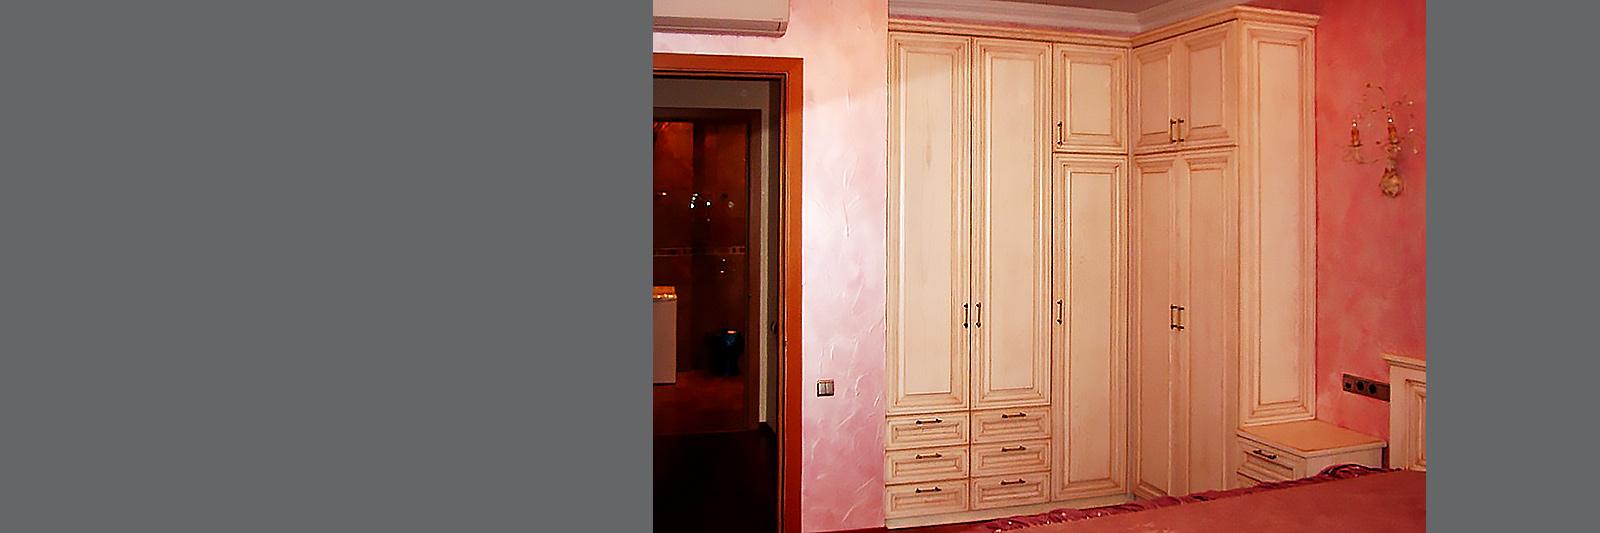 Шкаф в спальню на заказ из массива